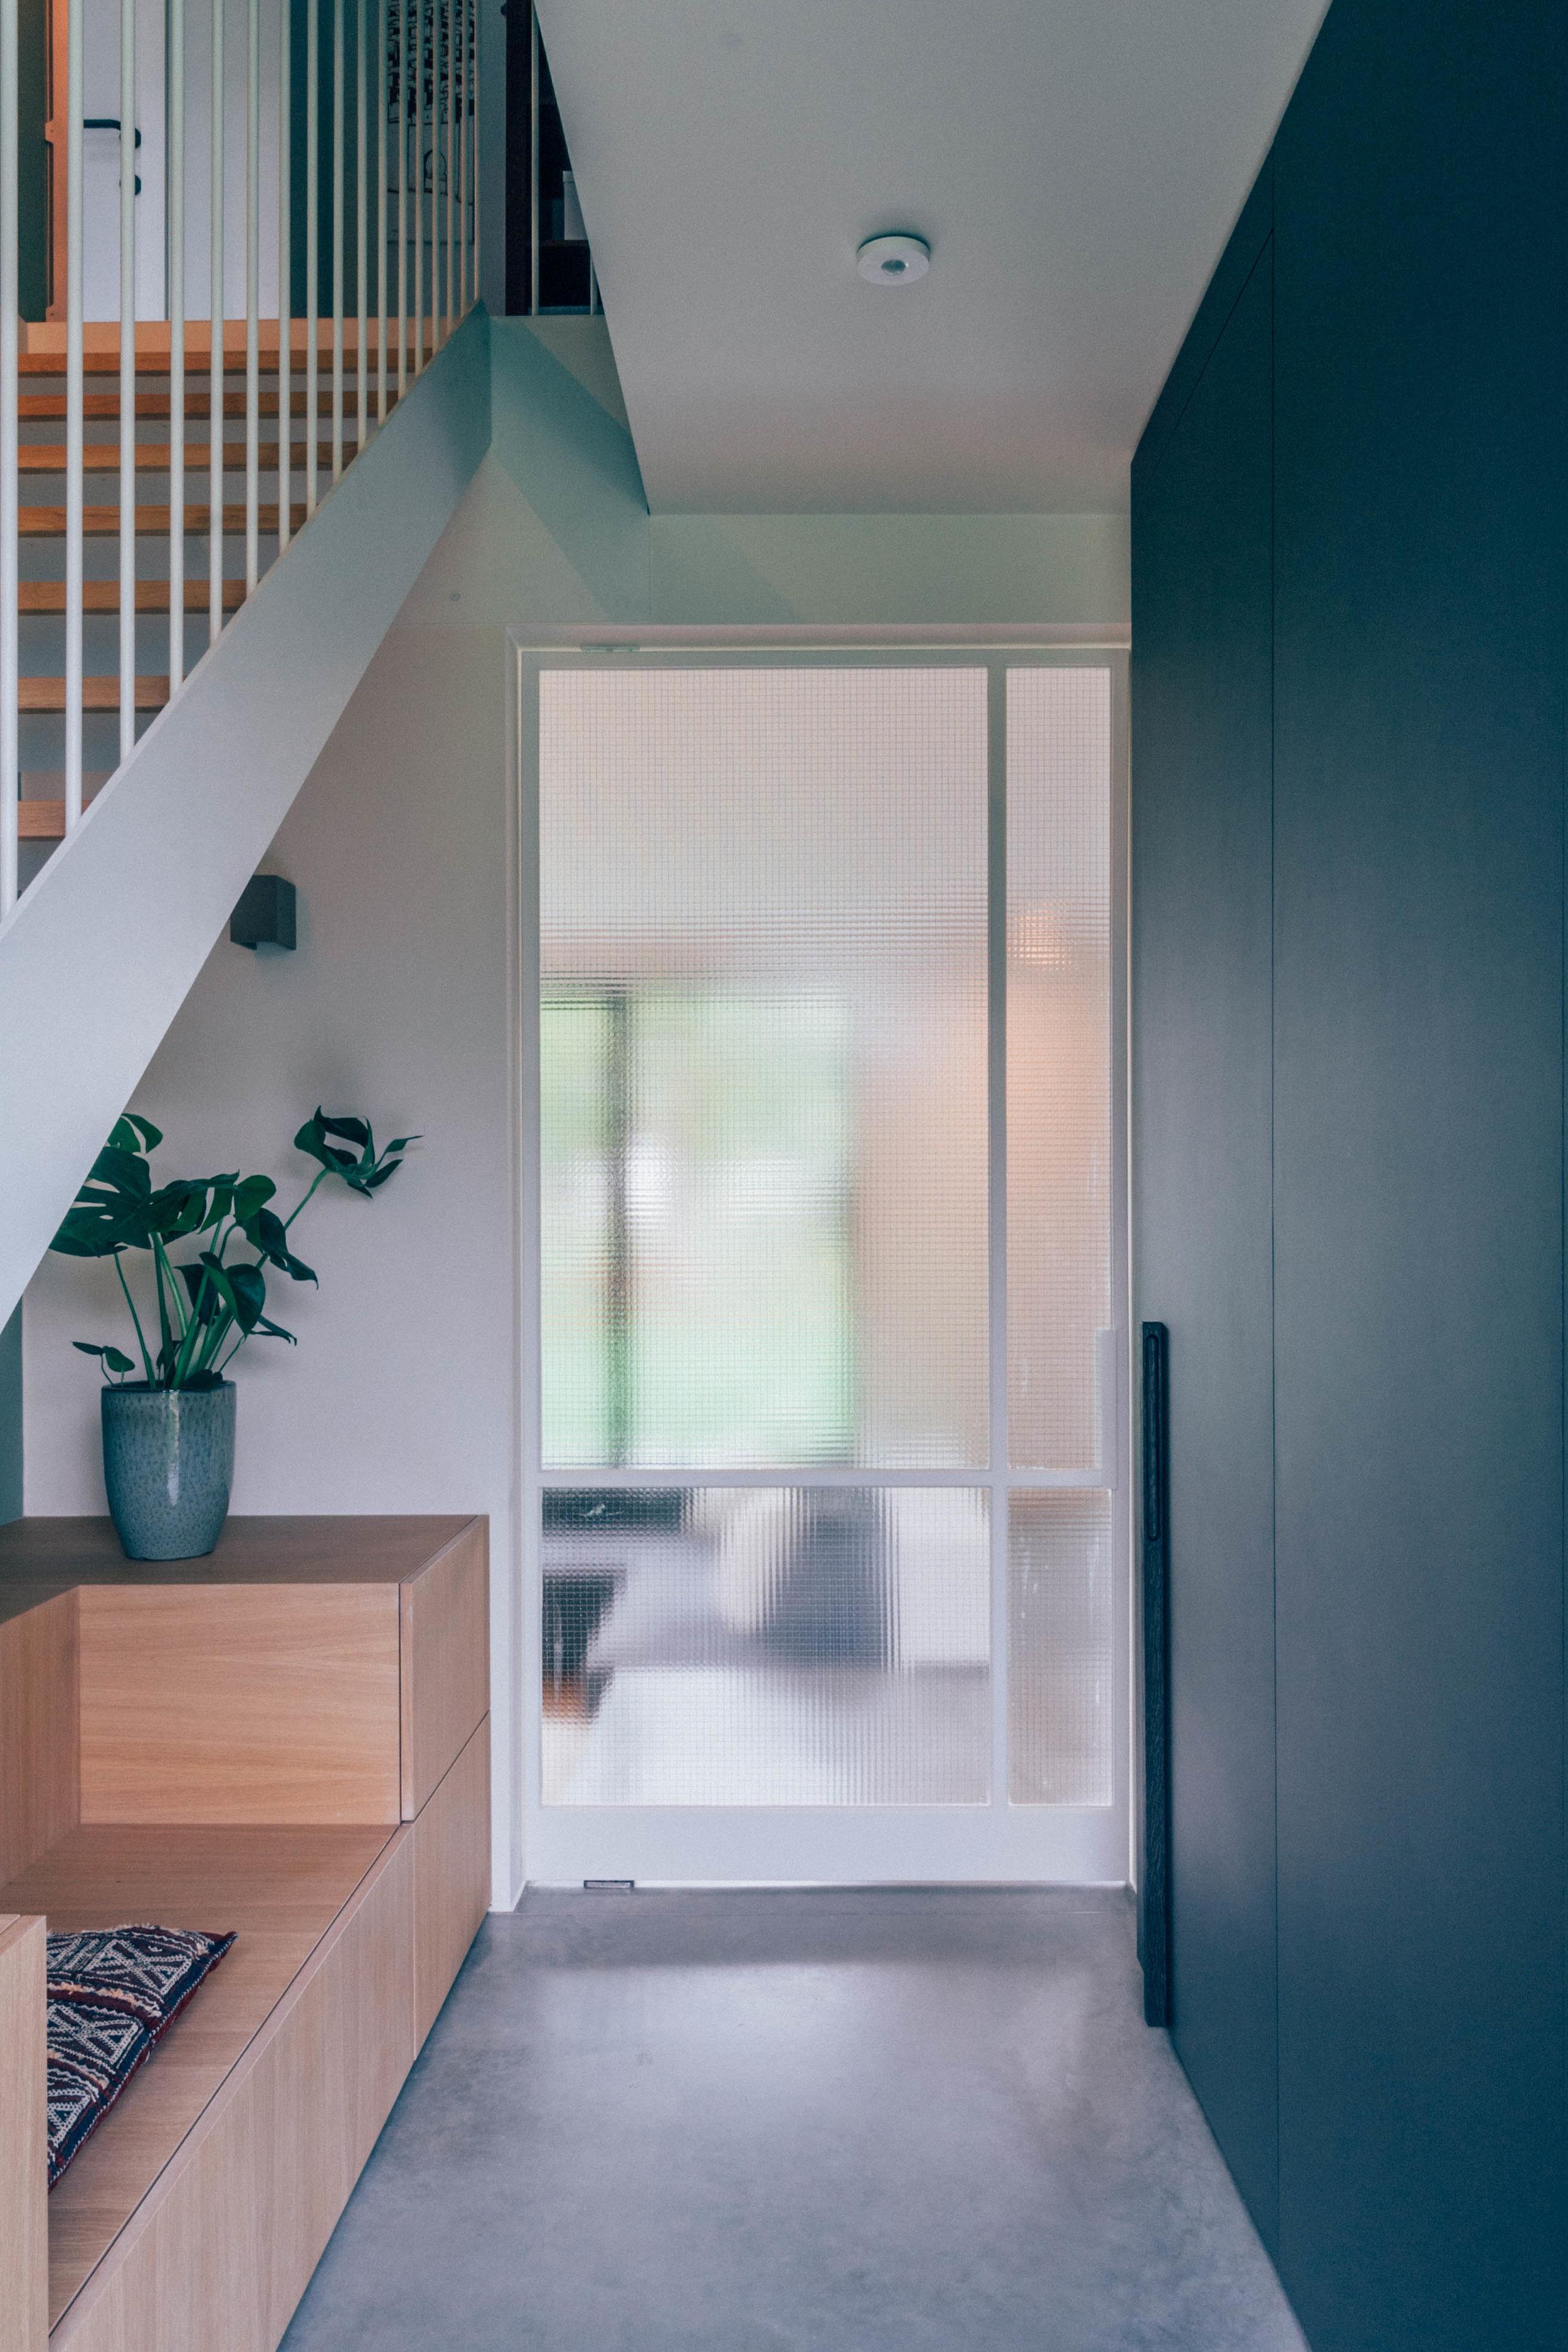 EM-holsbeek-Hannelore Veelaert-00622.jpg